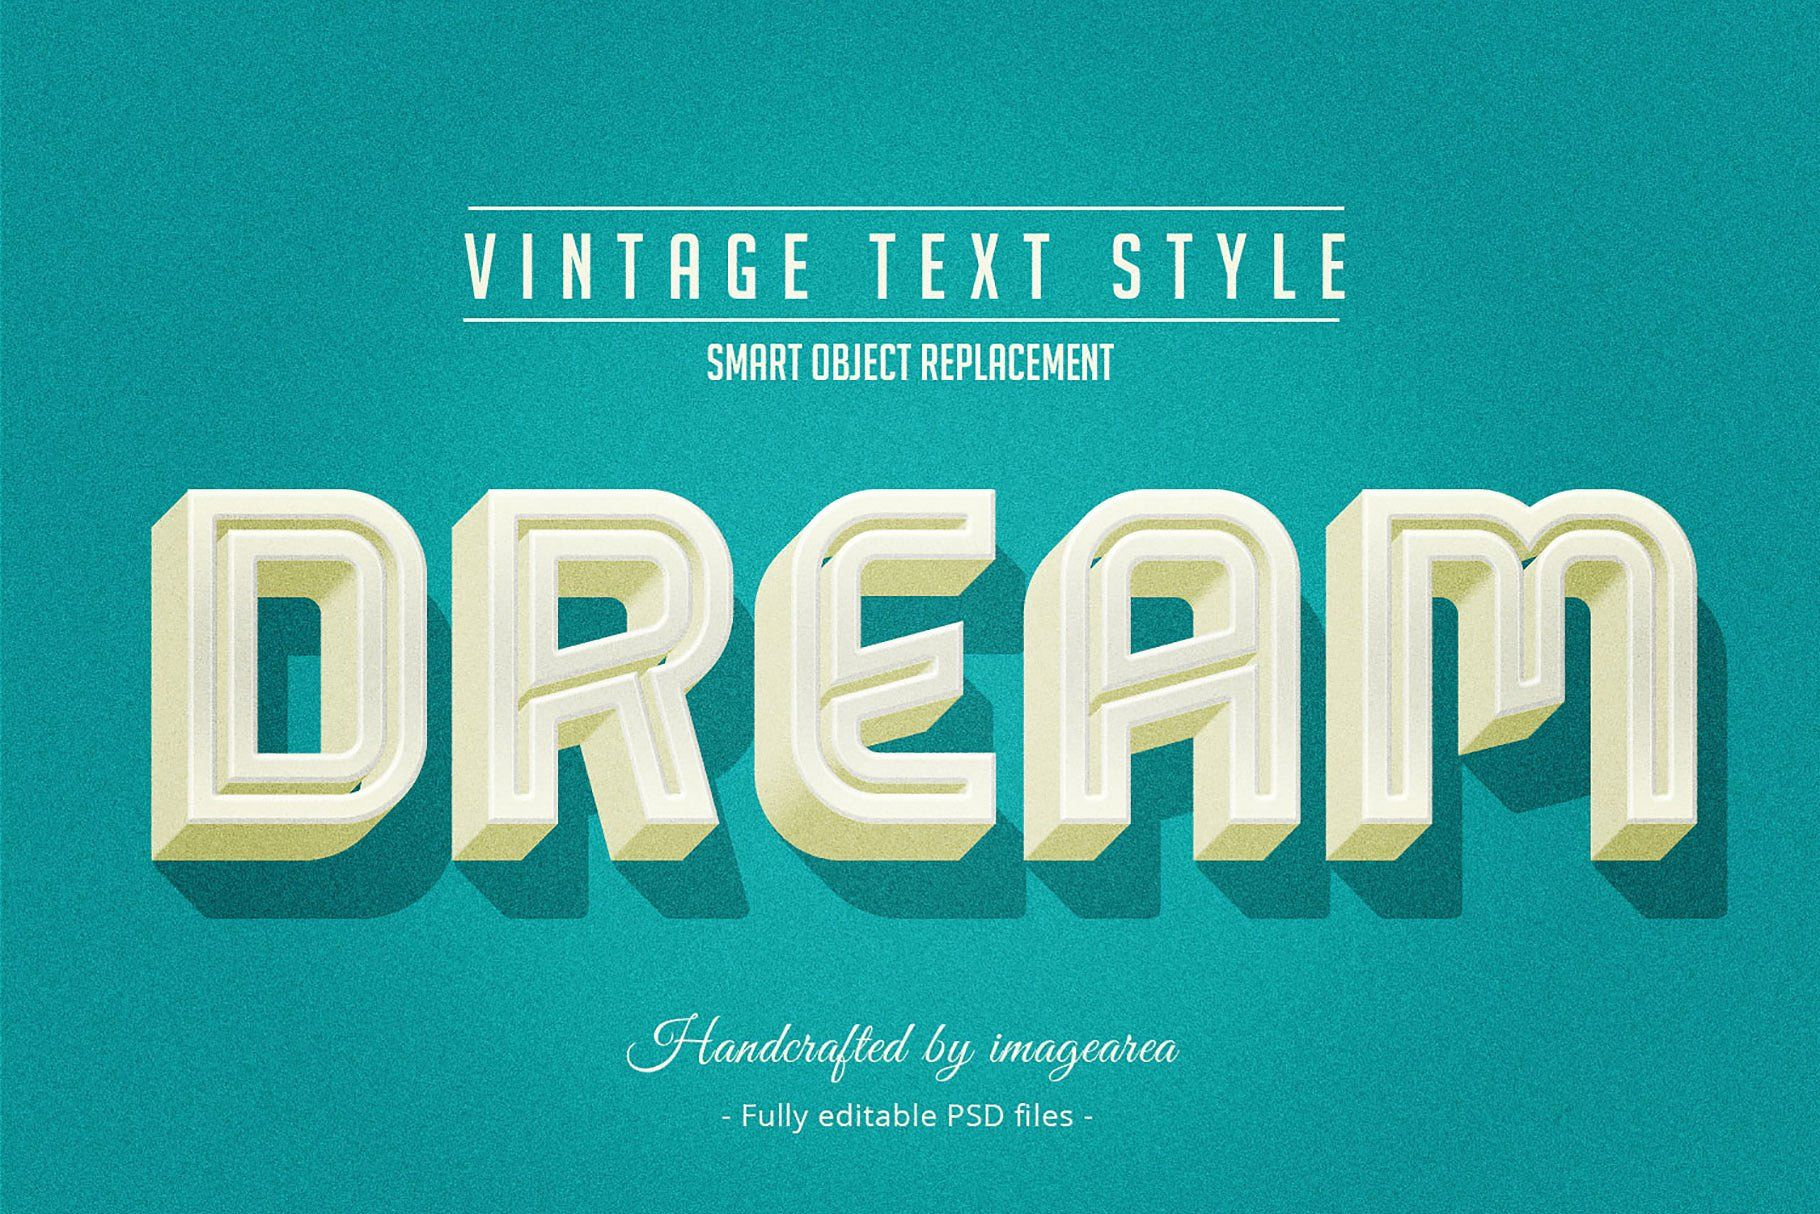 Vintage Retro Text Styles Retro Vintage Text Layer Retro Text Vintage Text Poster Design Inspiration